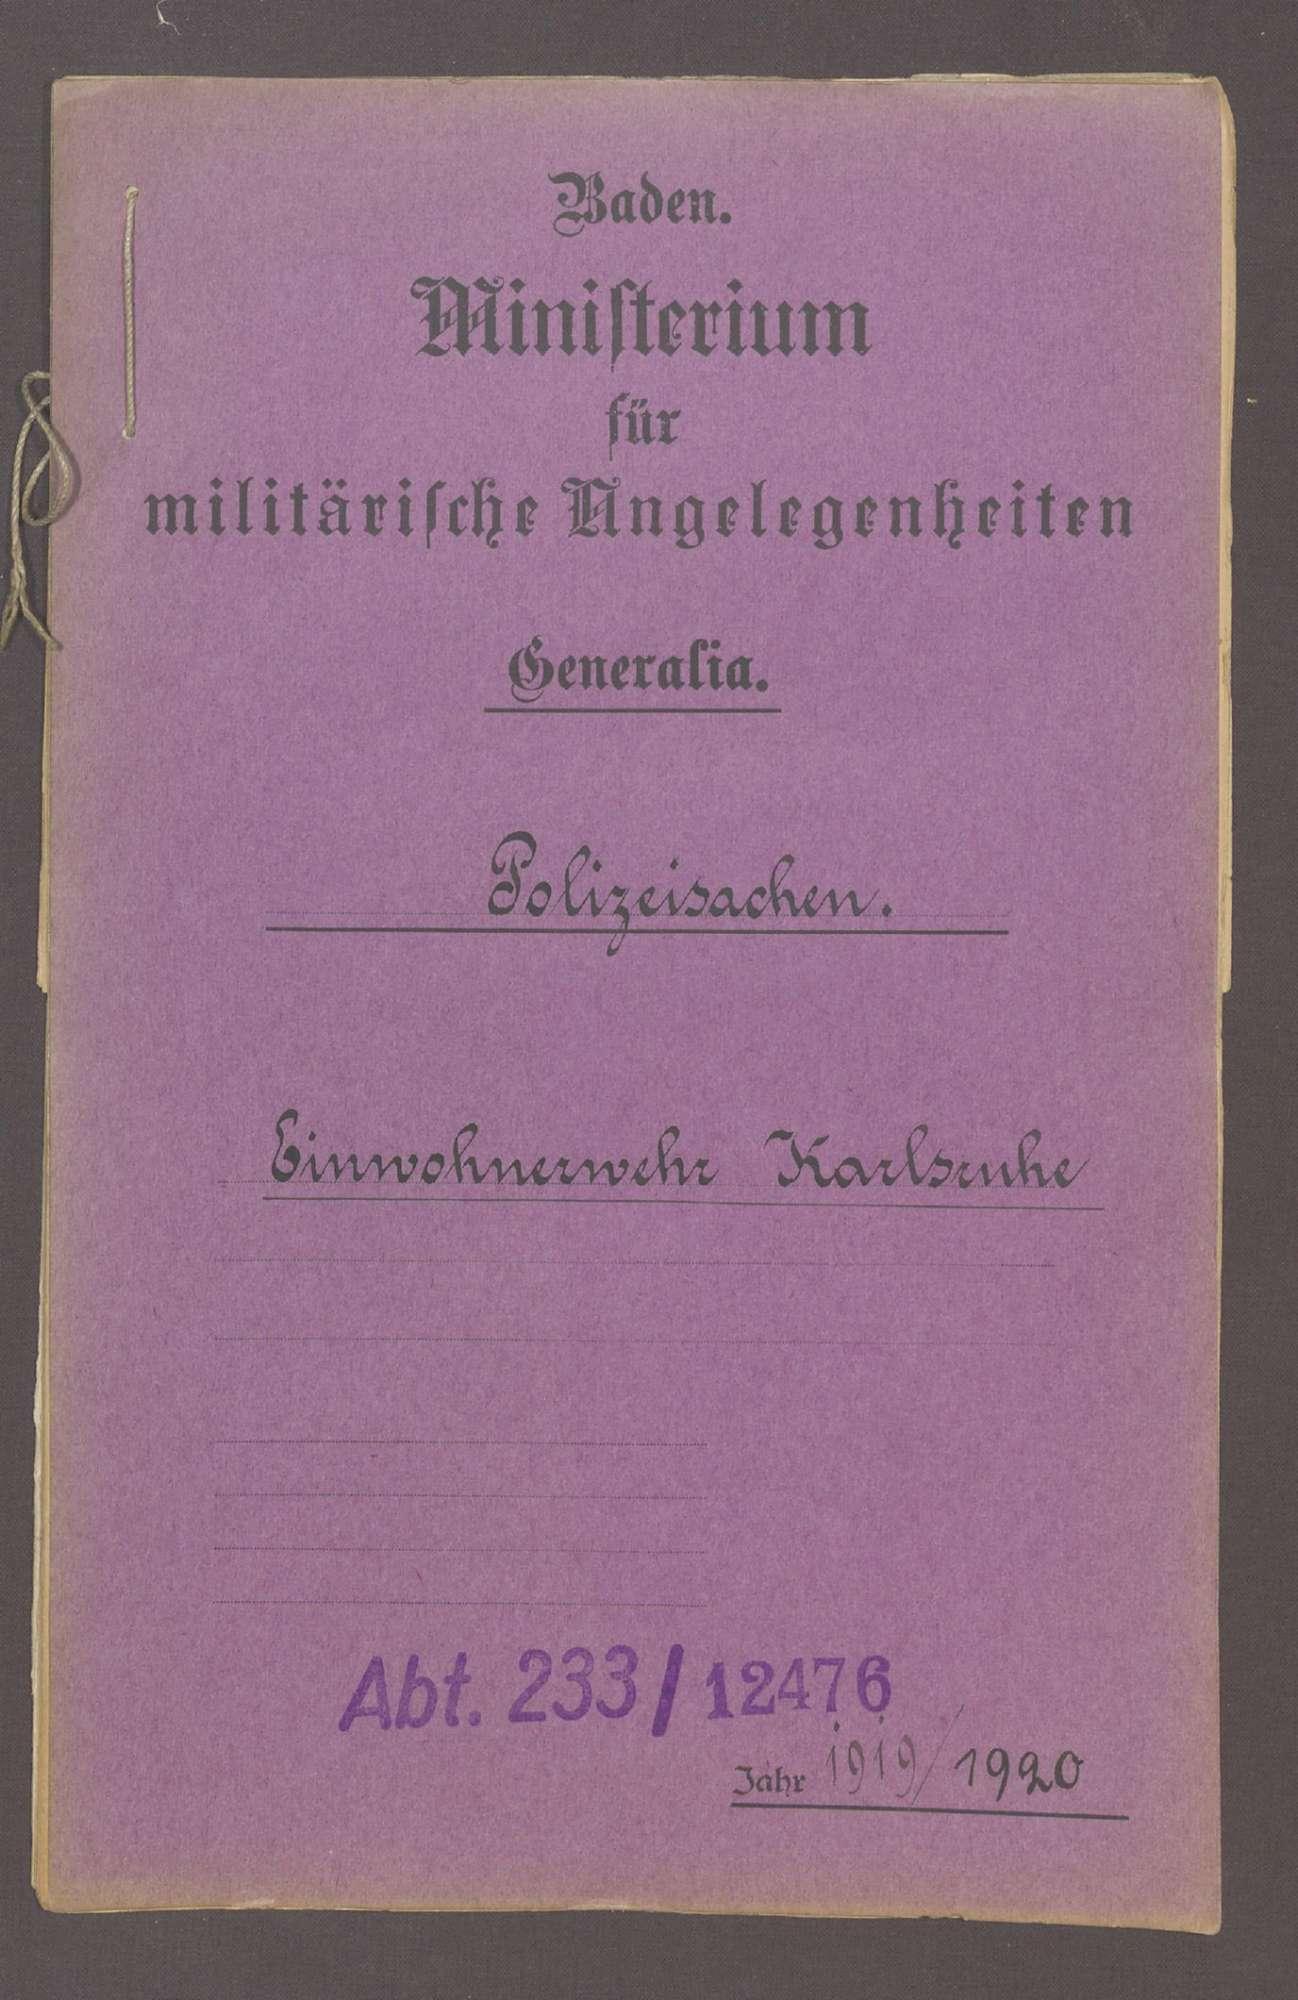 Die Einwohnerwehr Karlsruhe, Bild 1